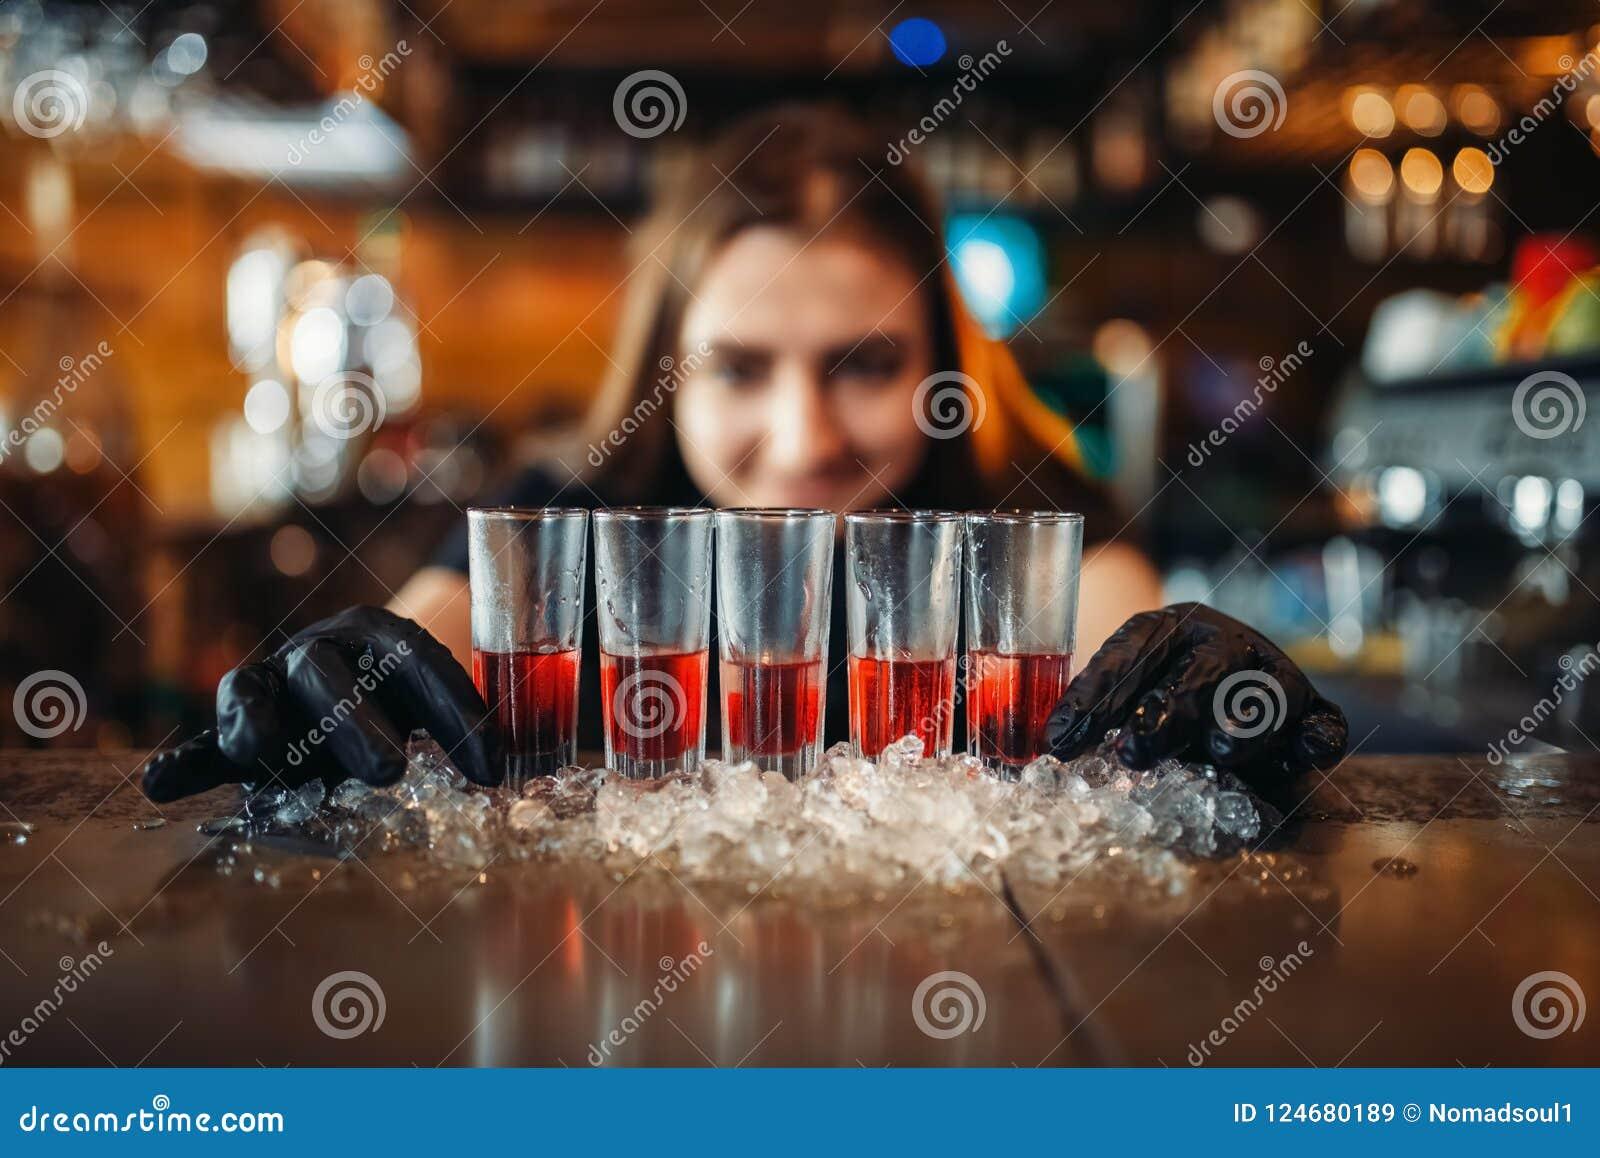 O empregado de bar fêmea nas luvas põe bebidas sobre o gelo